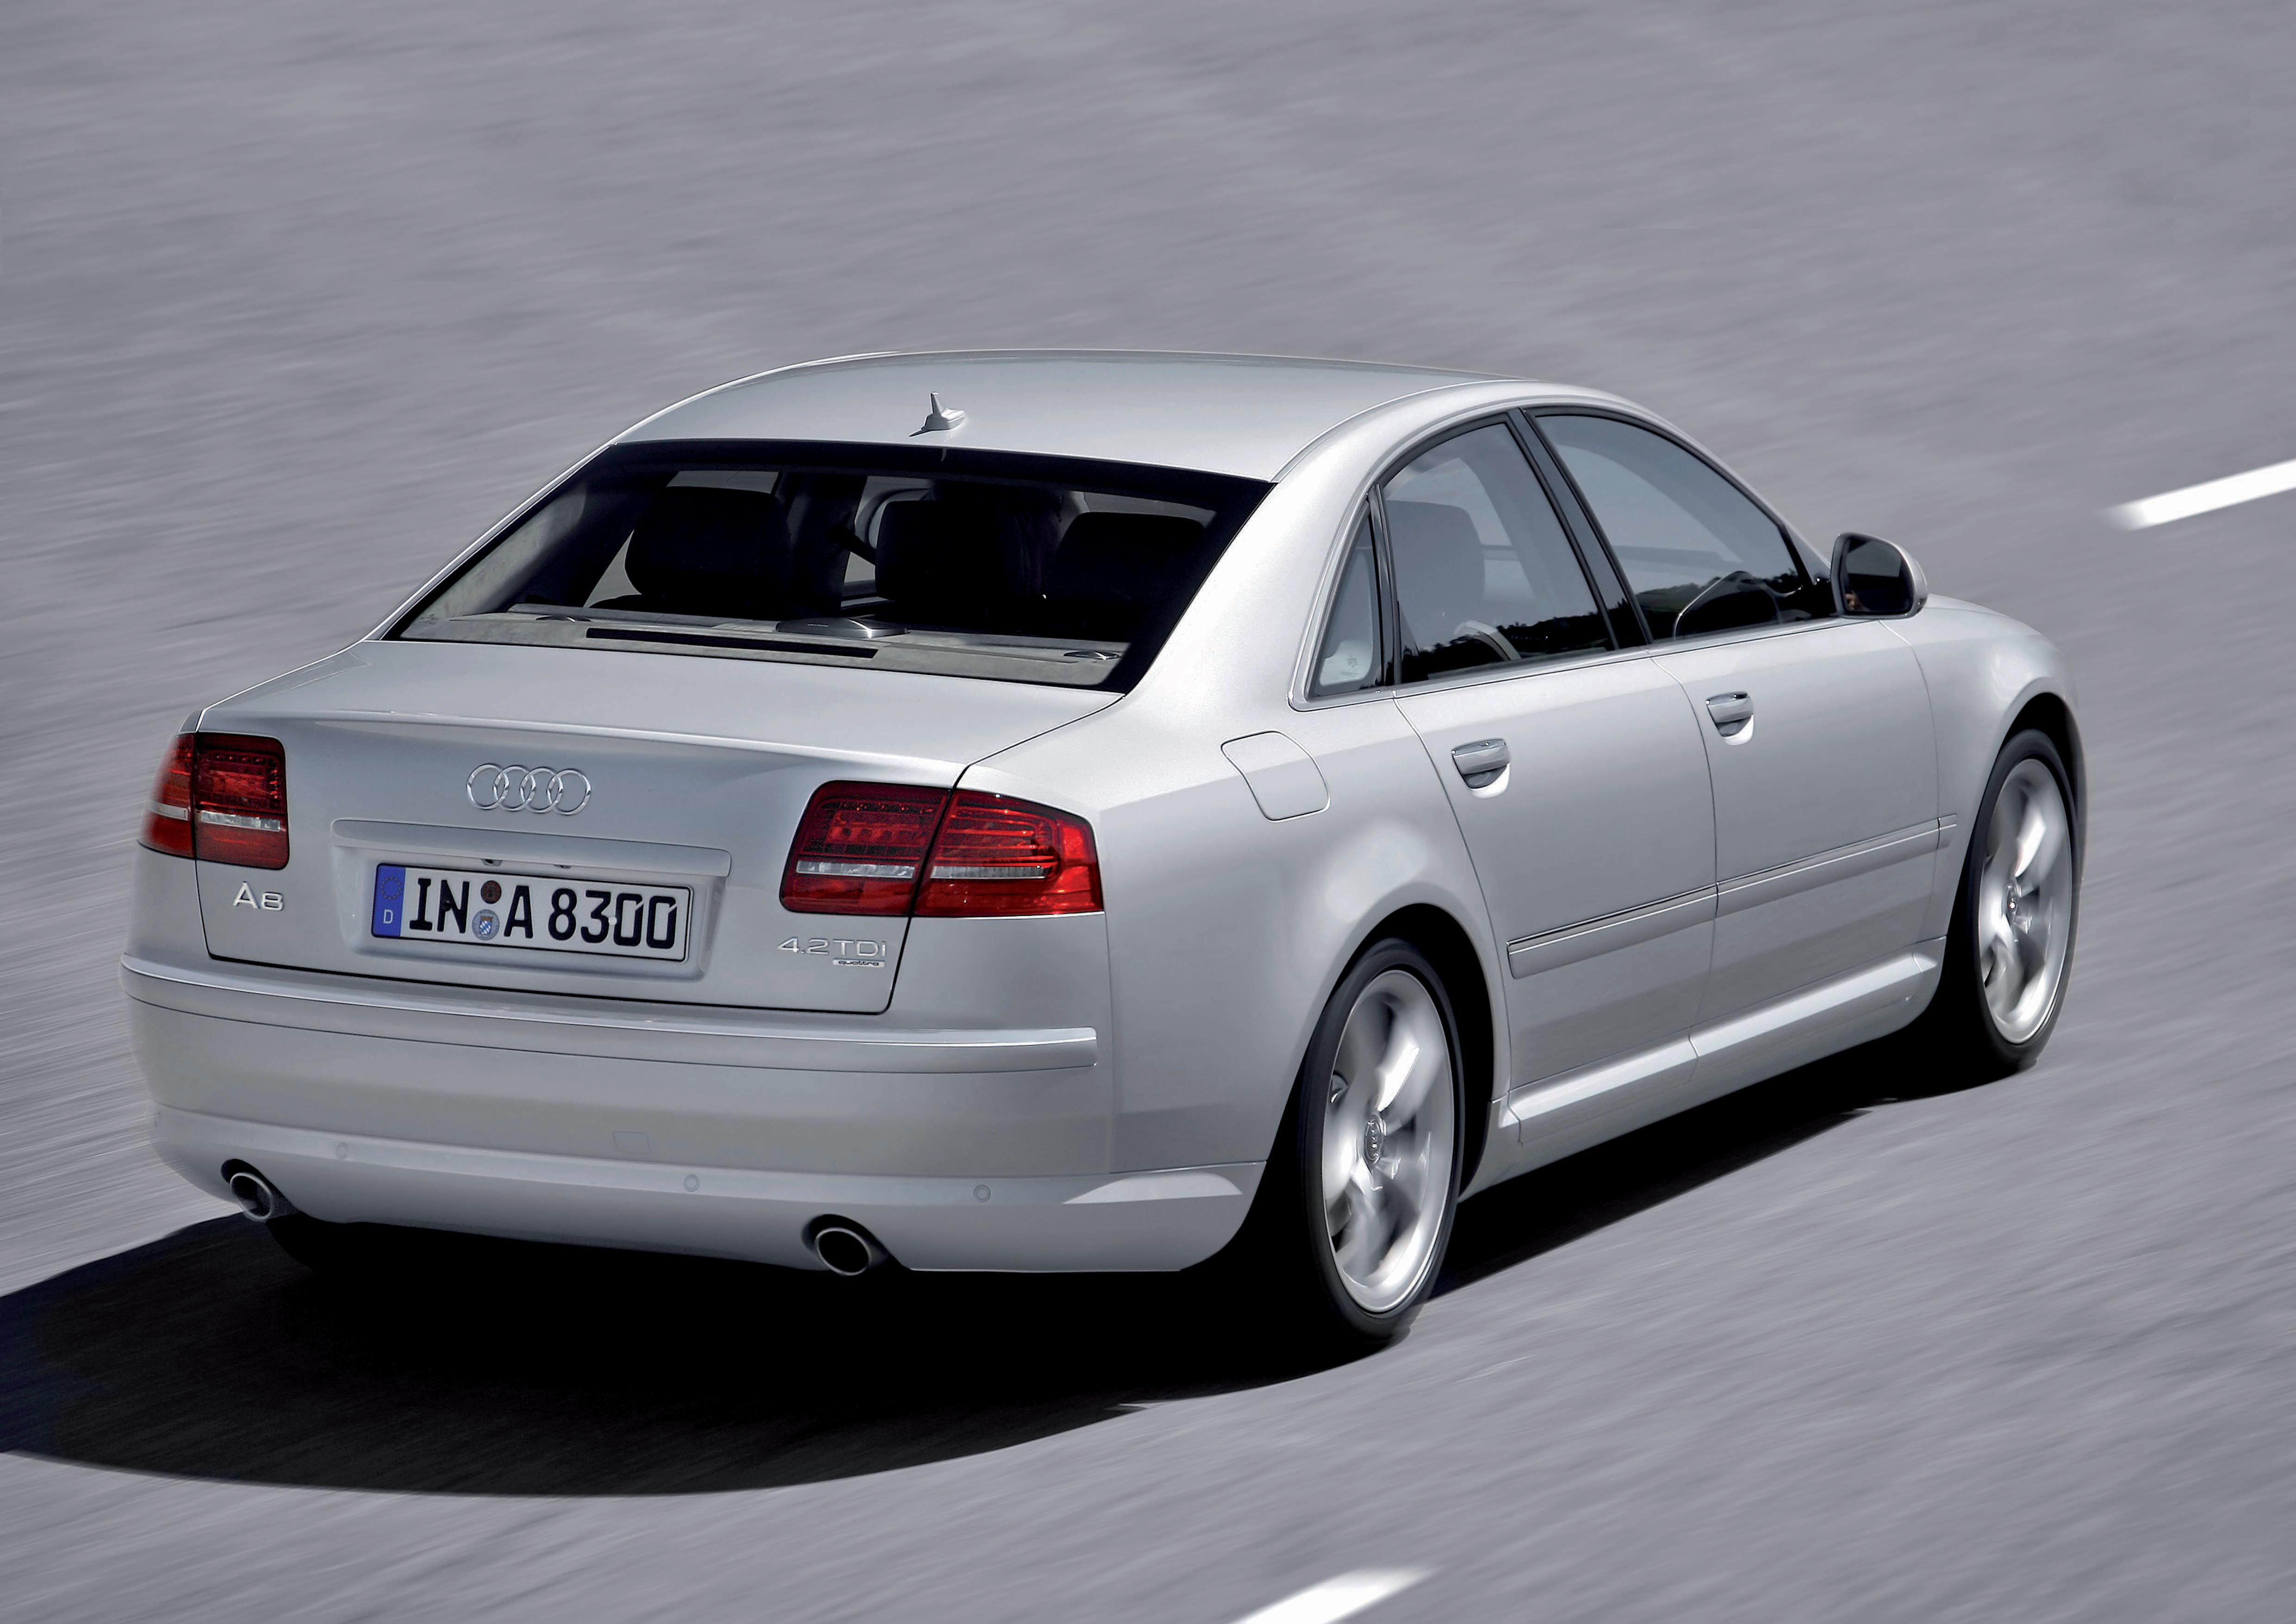 Audi A8 4.2 TDI quattro/Fahraufnahme